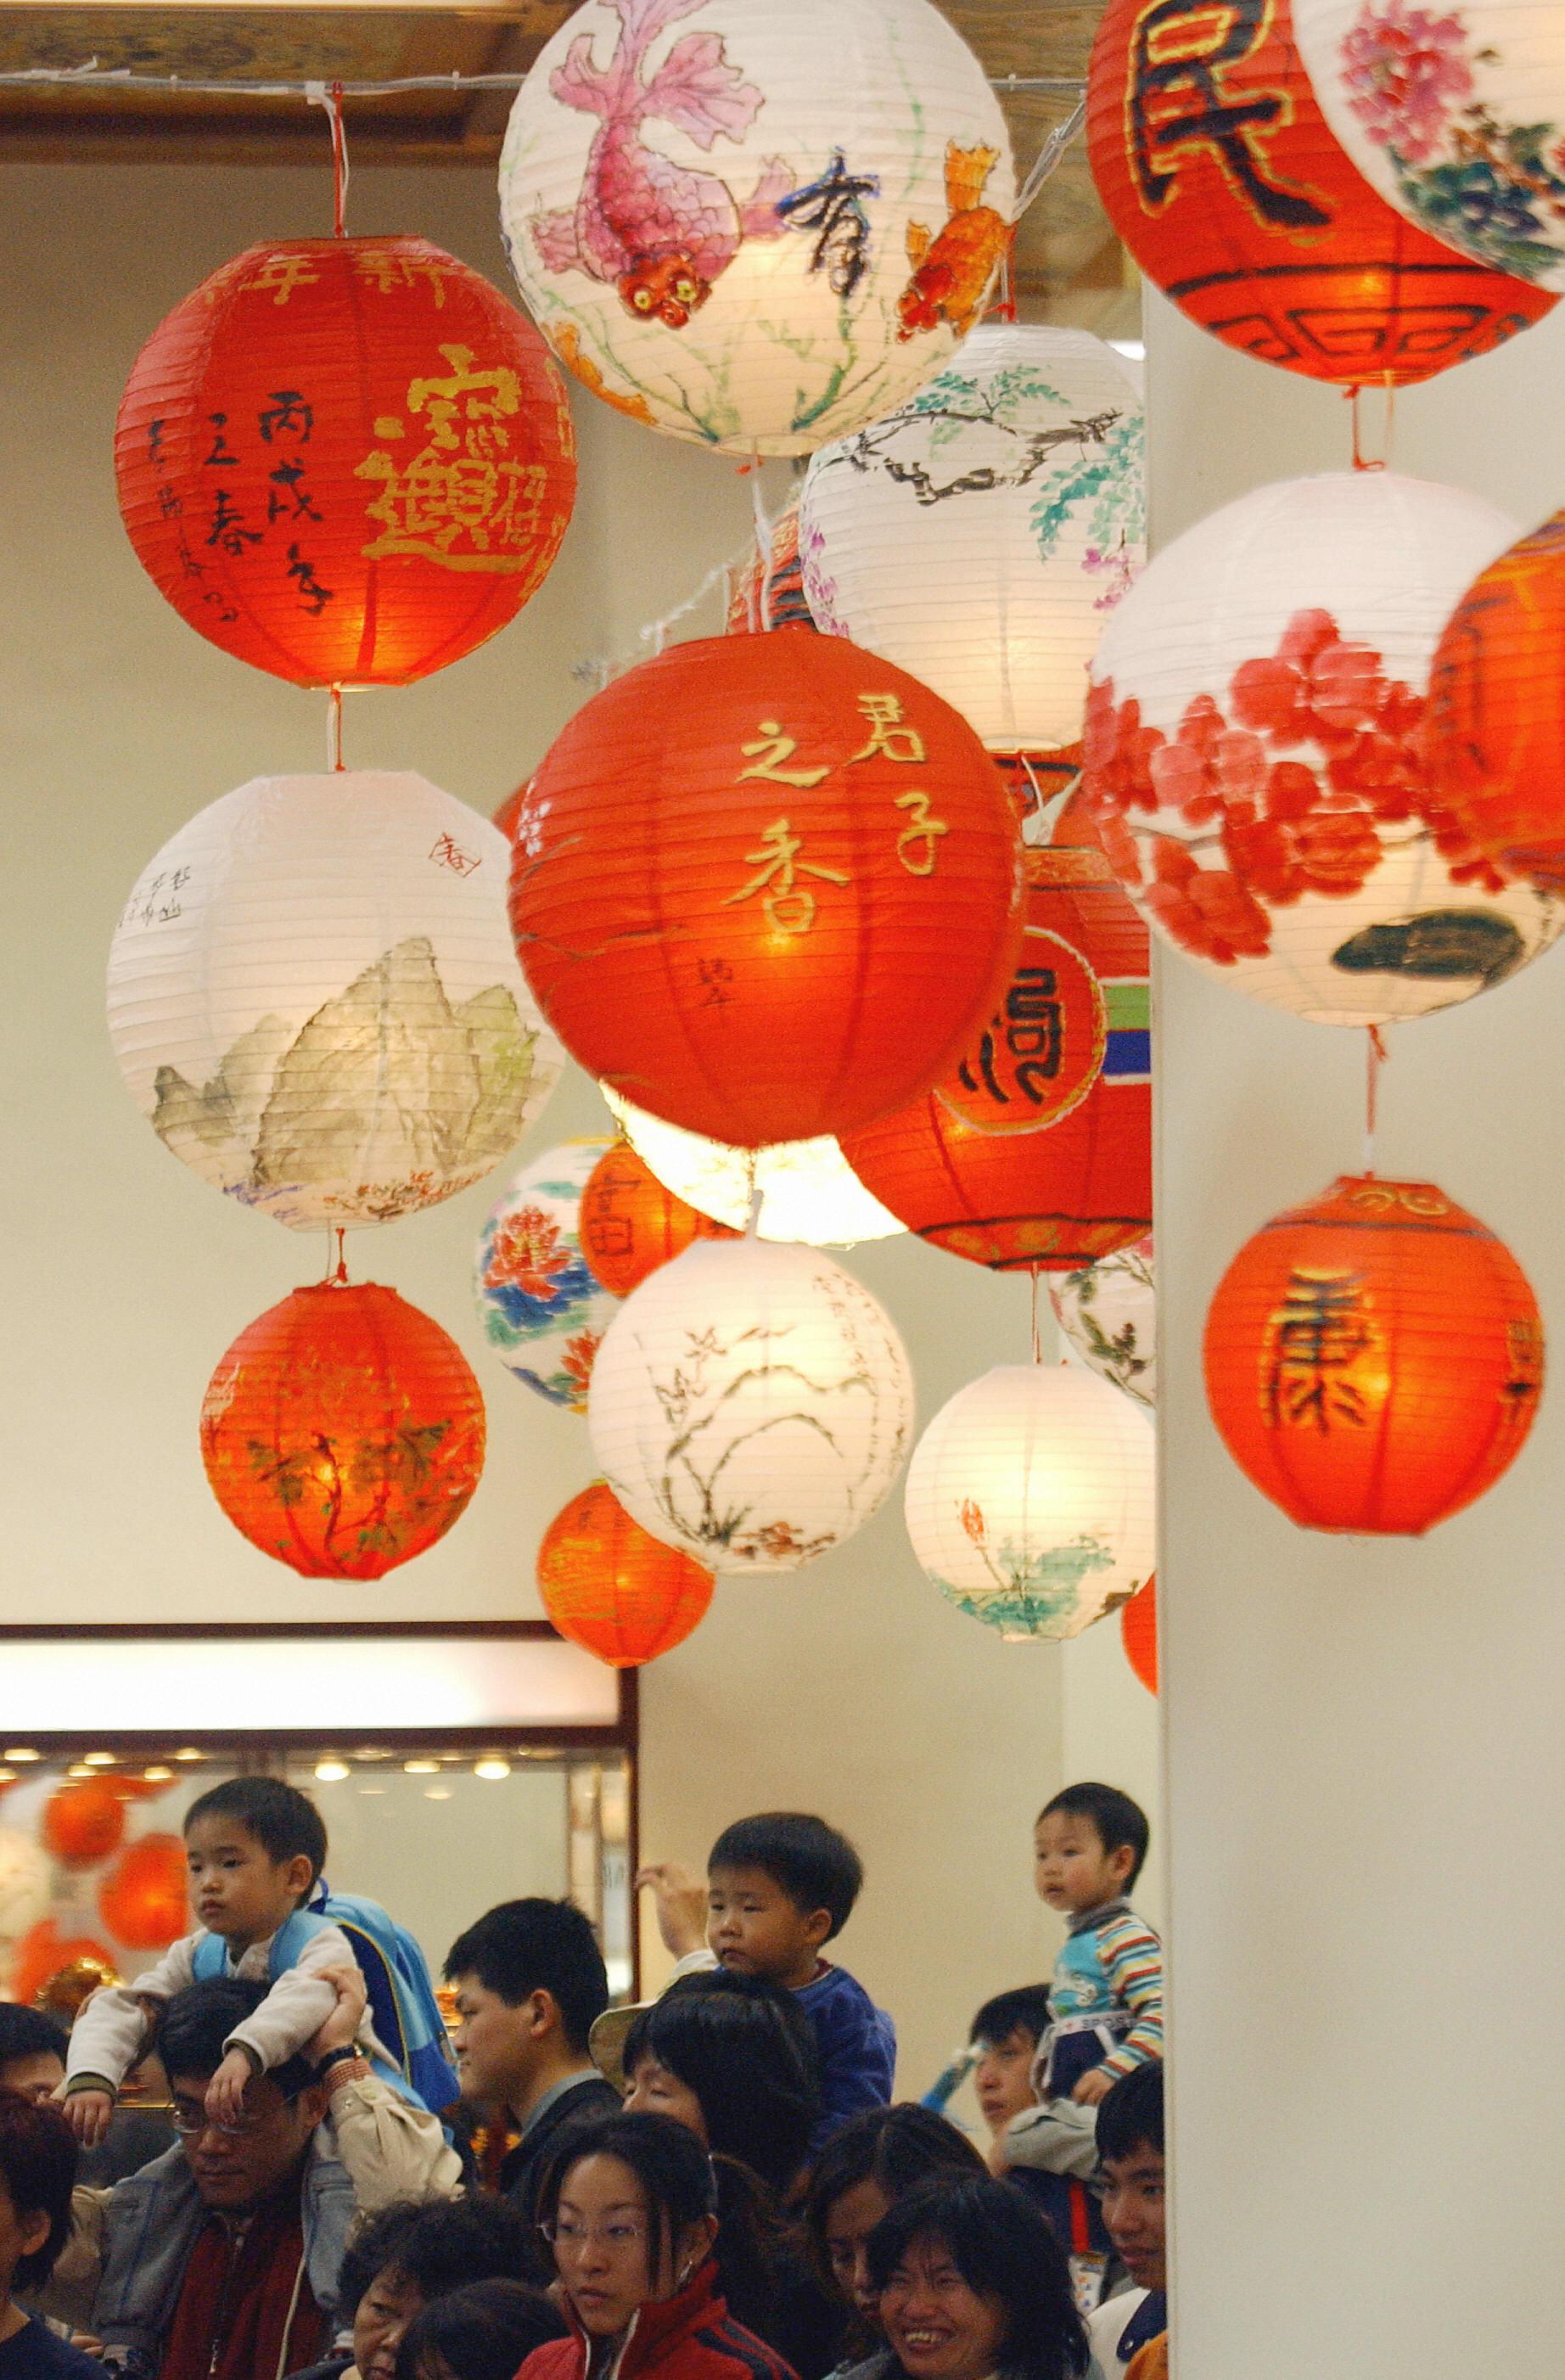 Chinesische Lampions – Glücksbringer und Nachrichtenübermittler